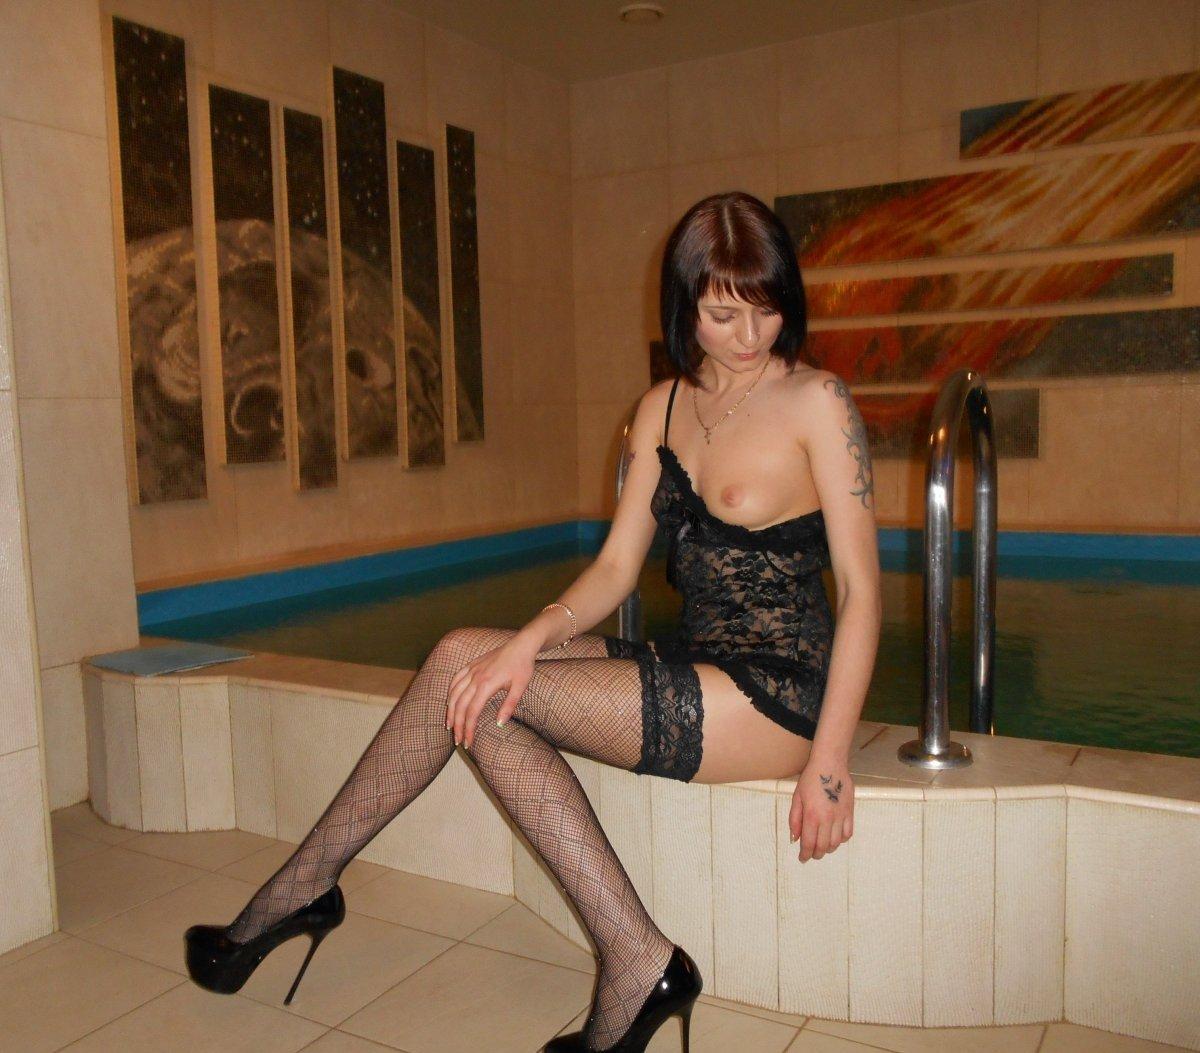 Проститутки петрозаводск телефон проститутки автозаводский тюмень